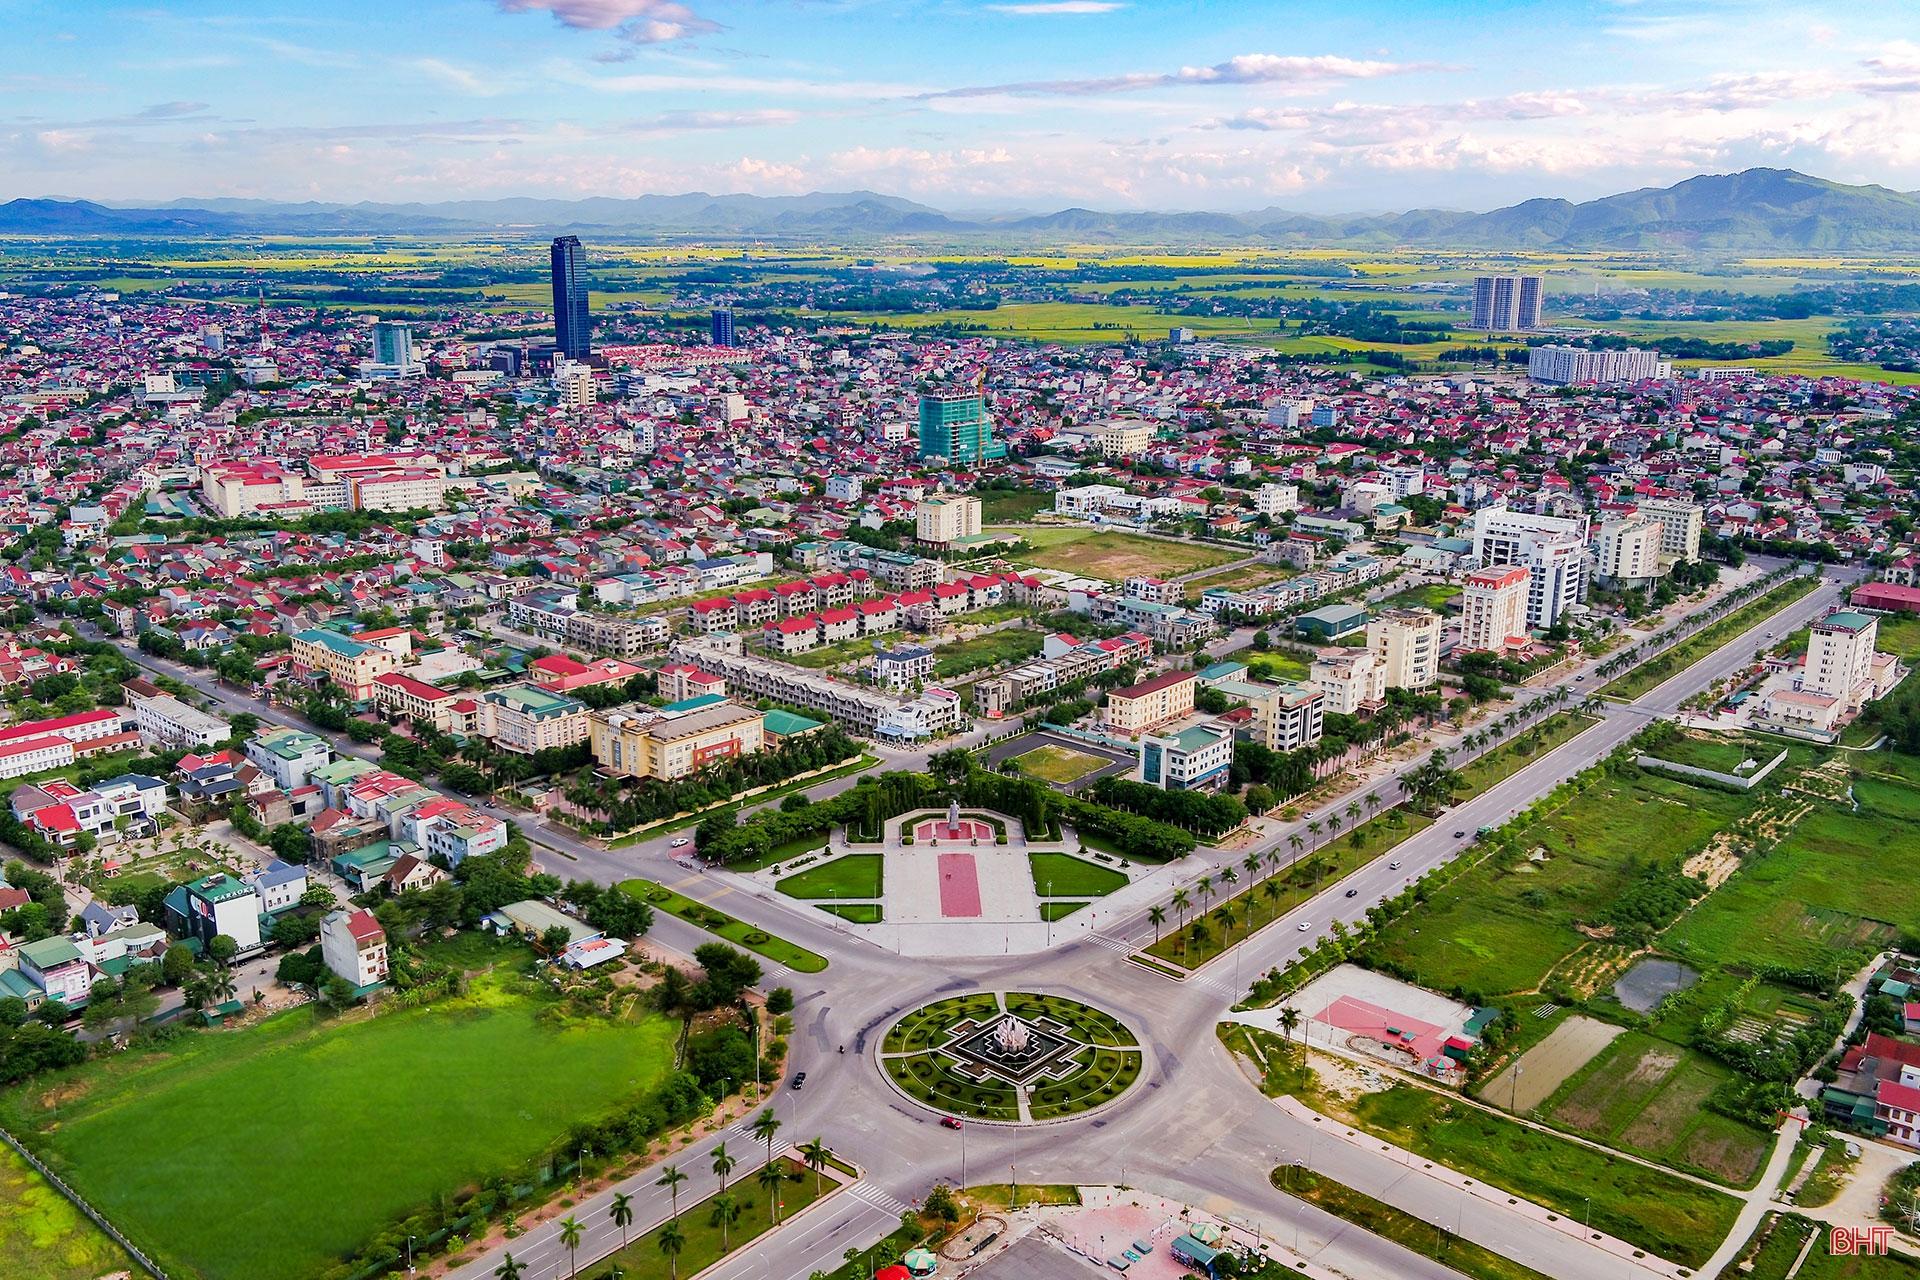 Loạt dự án tỷ USD tại Hà Tĩnh đang chờ nhà đầu tư rót vốn - Ảnh 1.